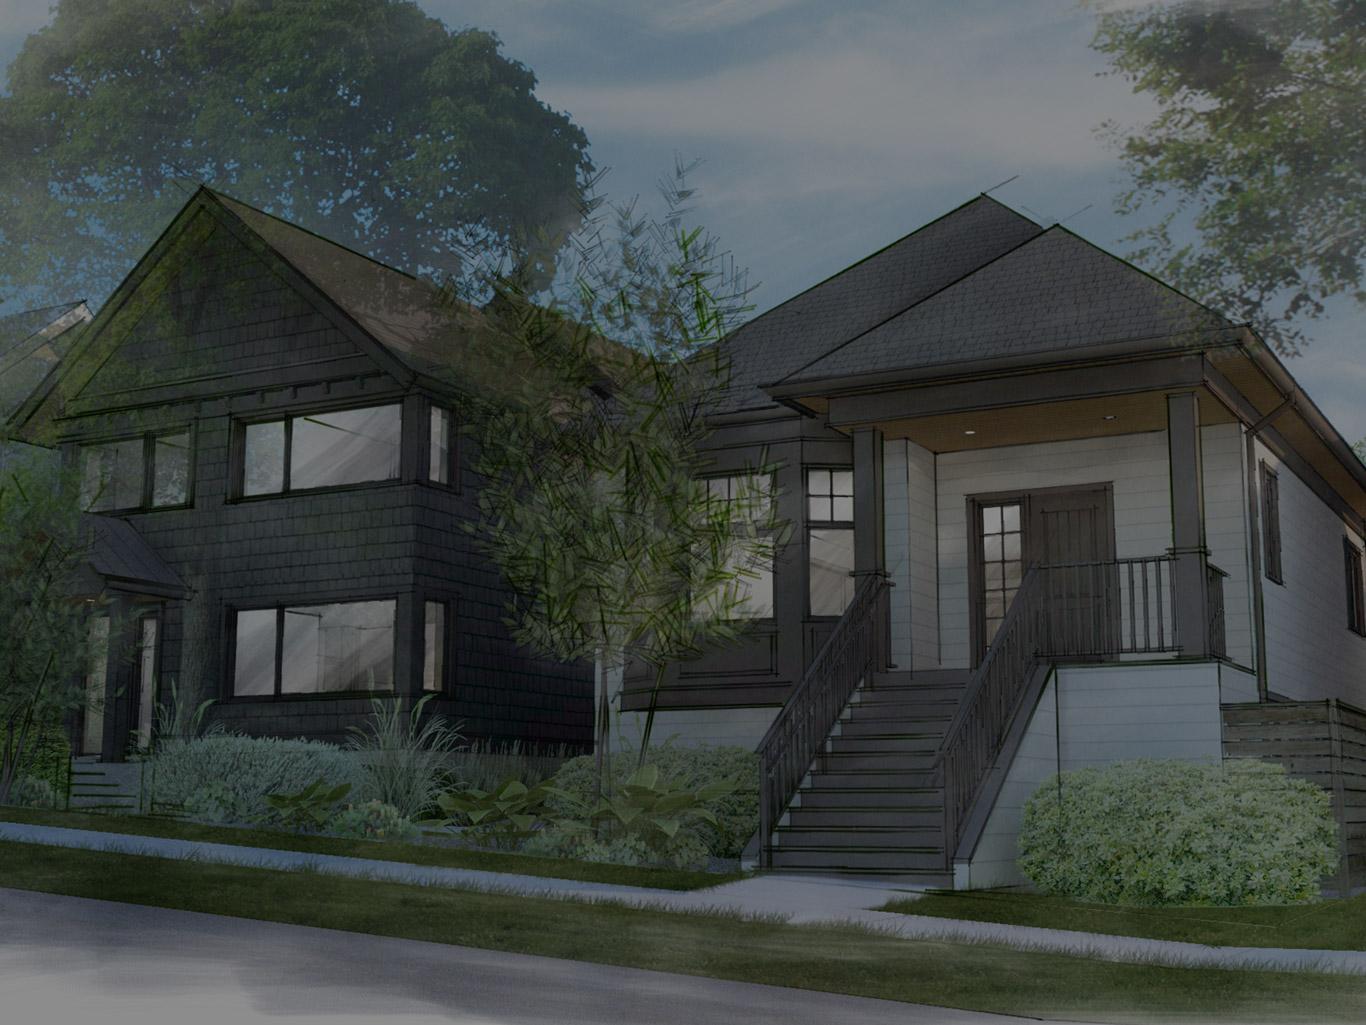 Glen Park - Multi-Family Residential Build